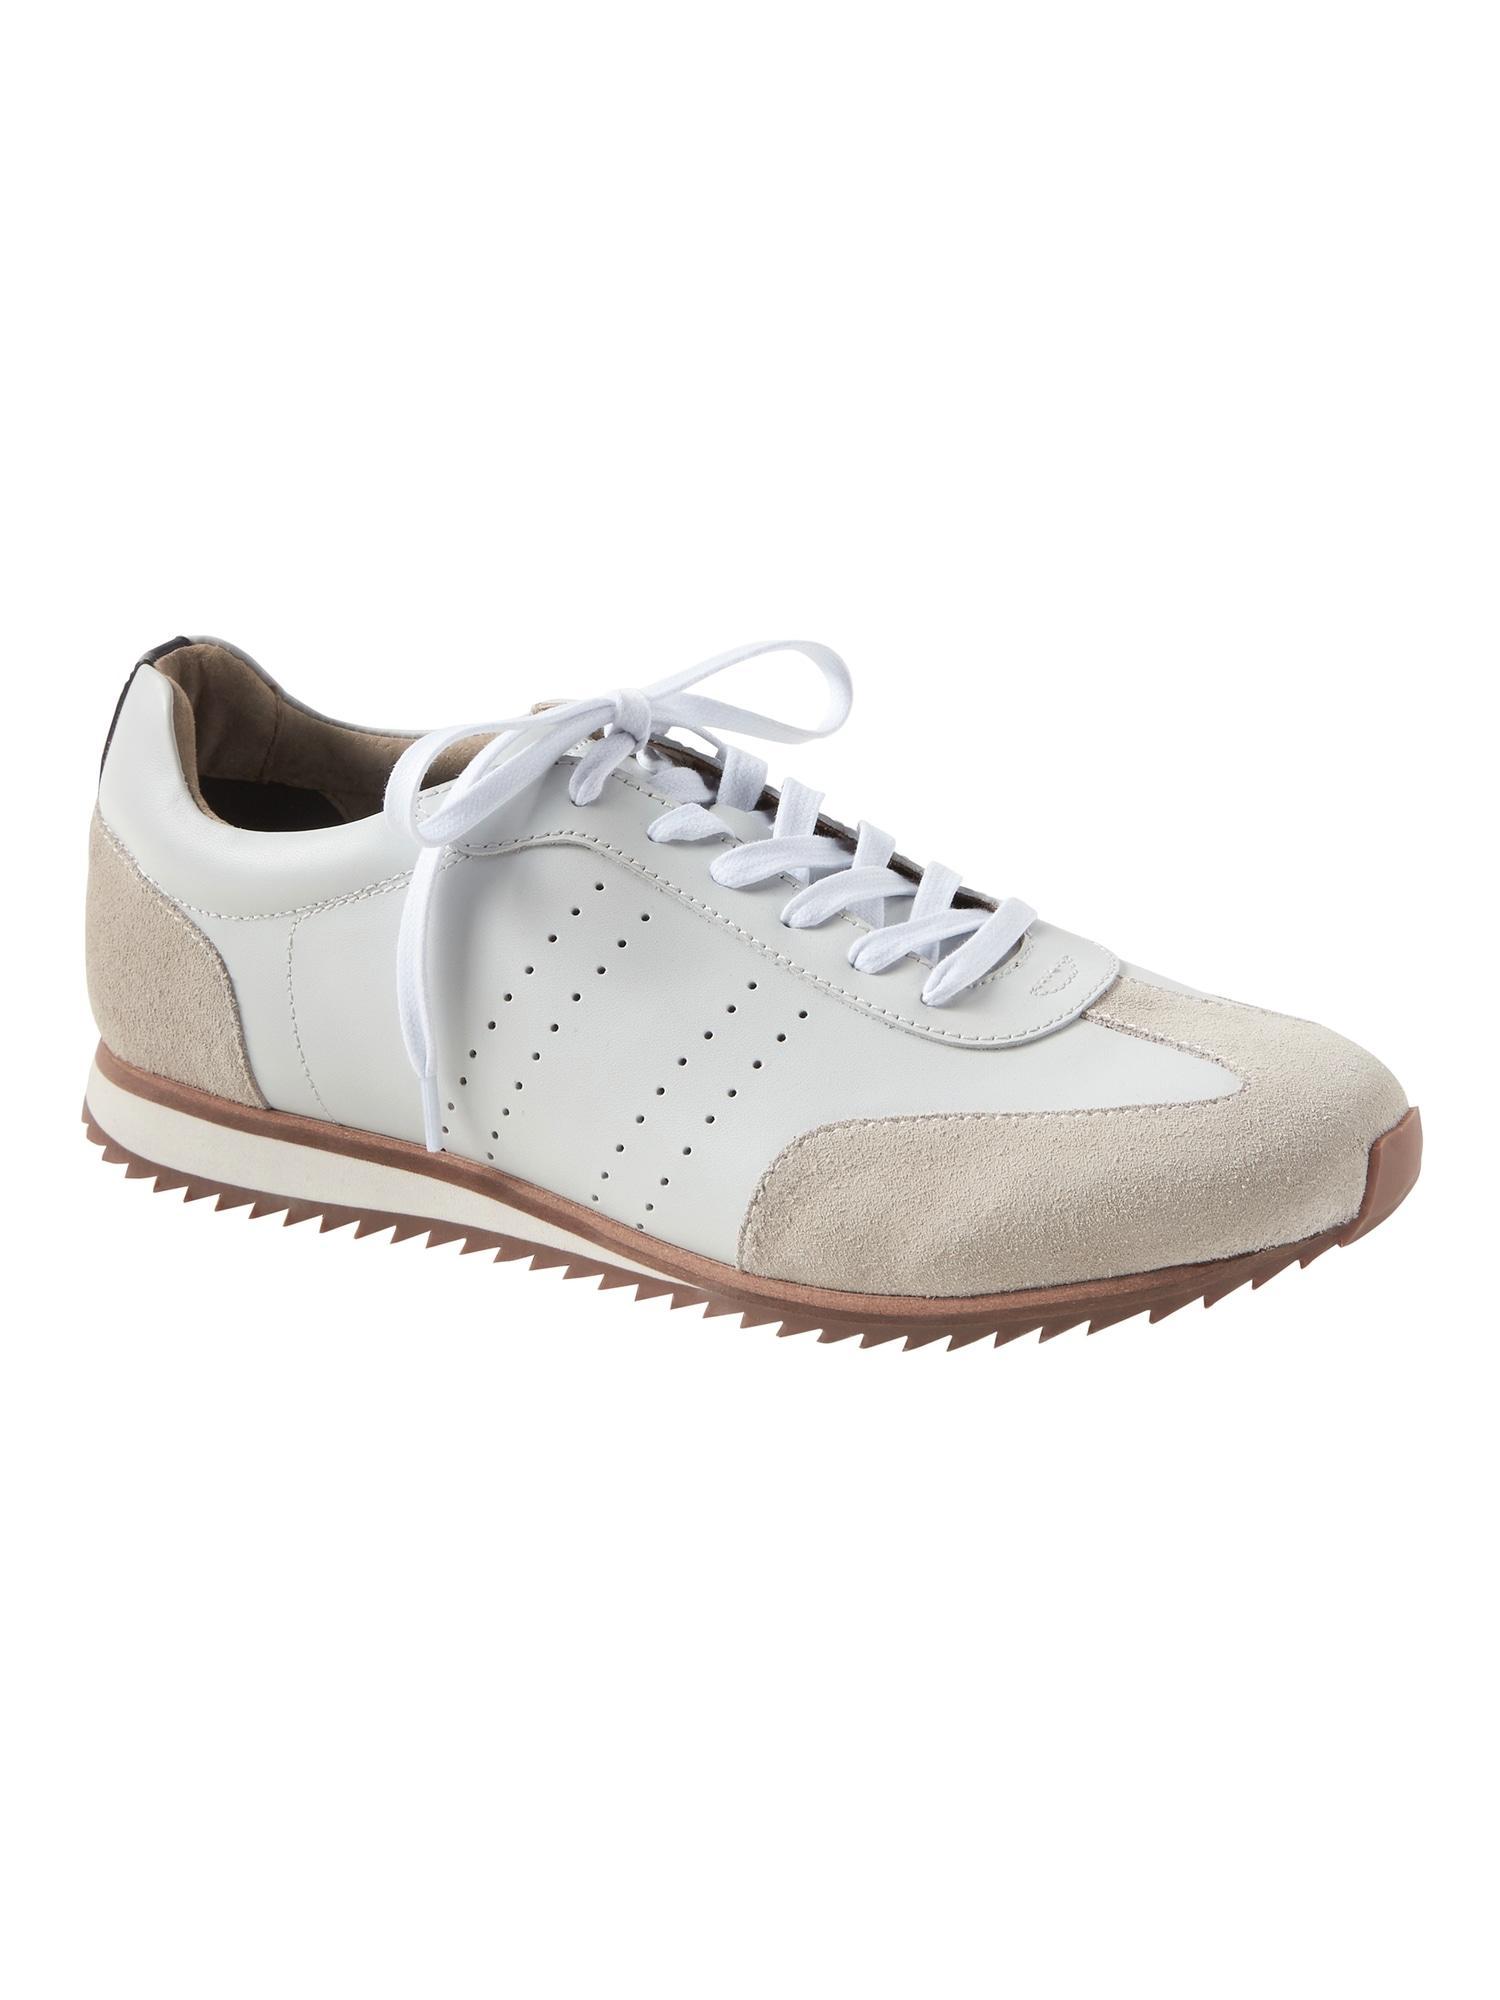 0d40287cbd Lyst - Banana Republic Thane Leather Trainer Sneaker in White for Men